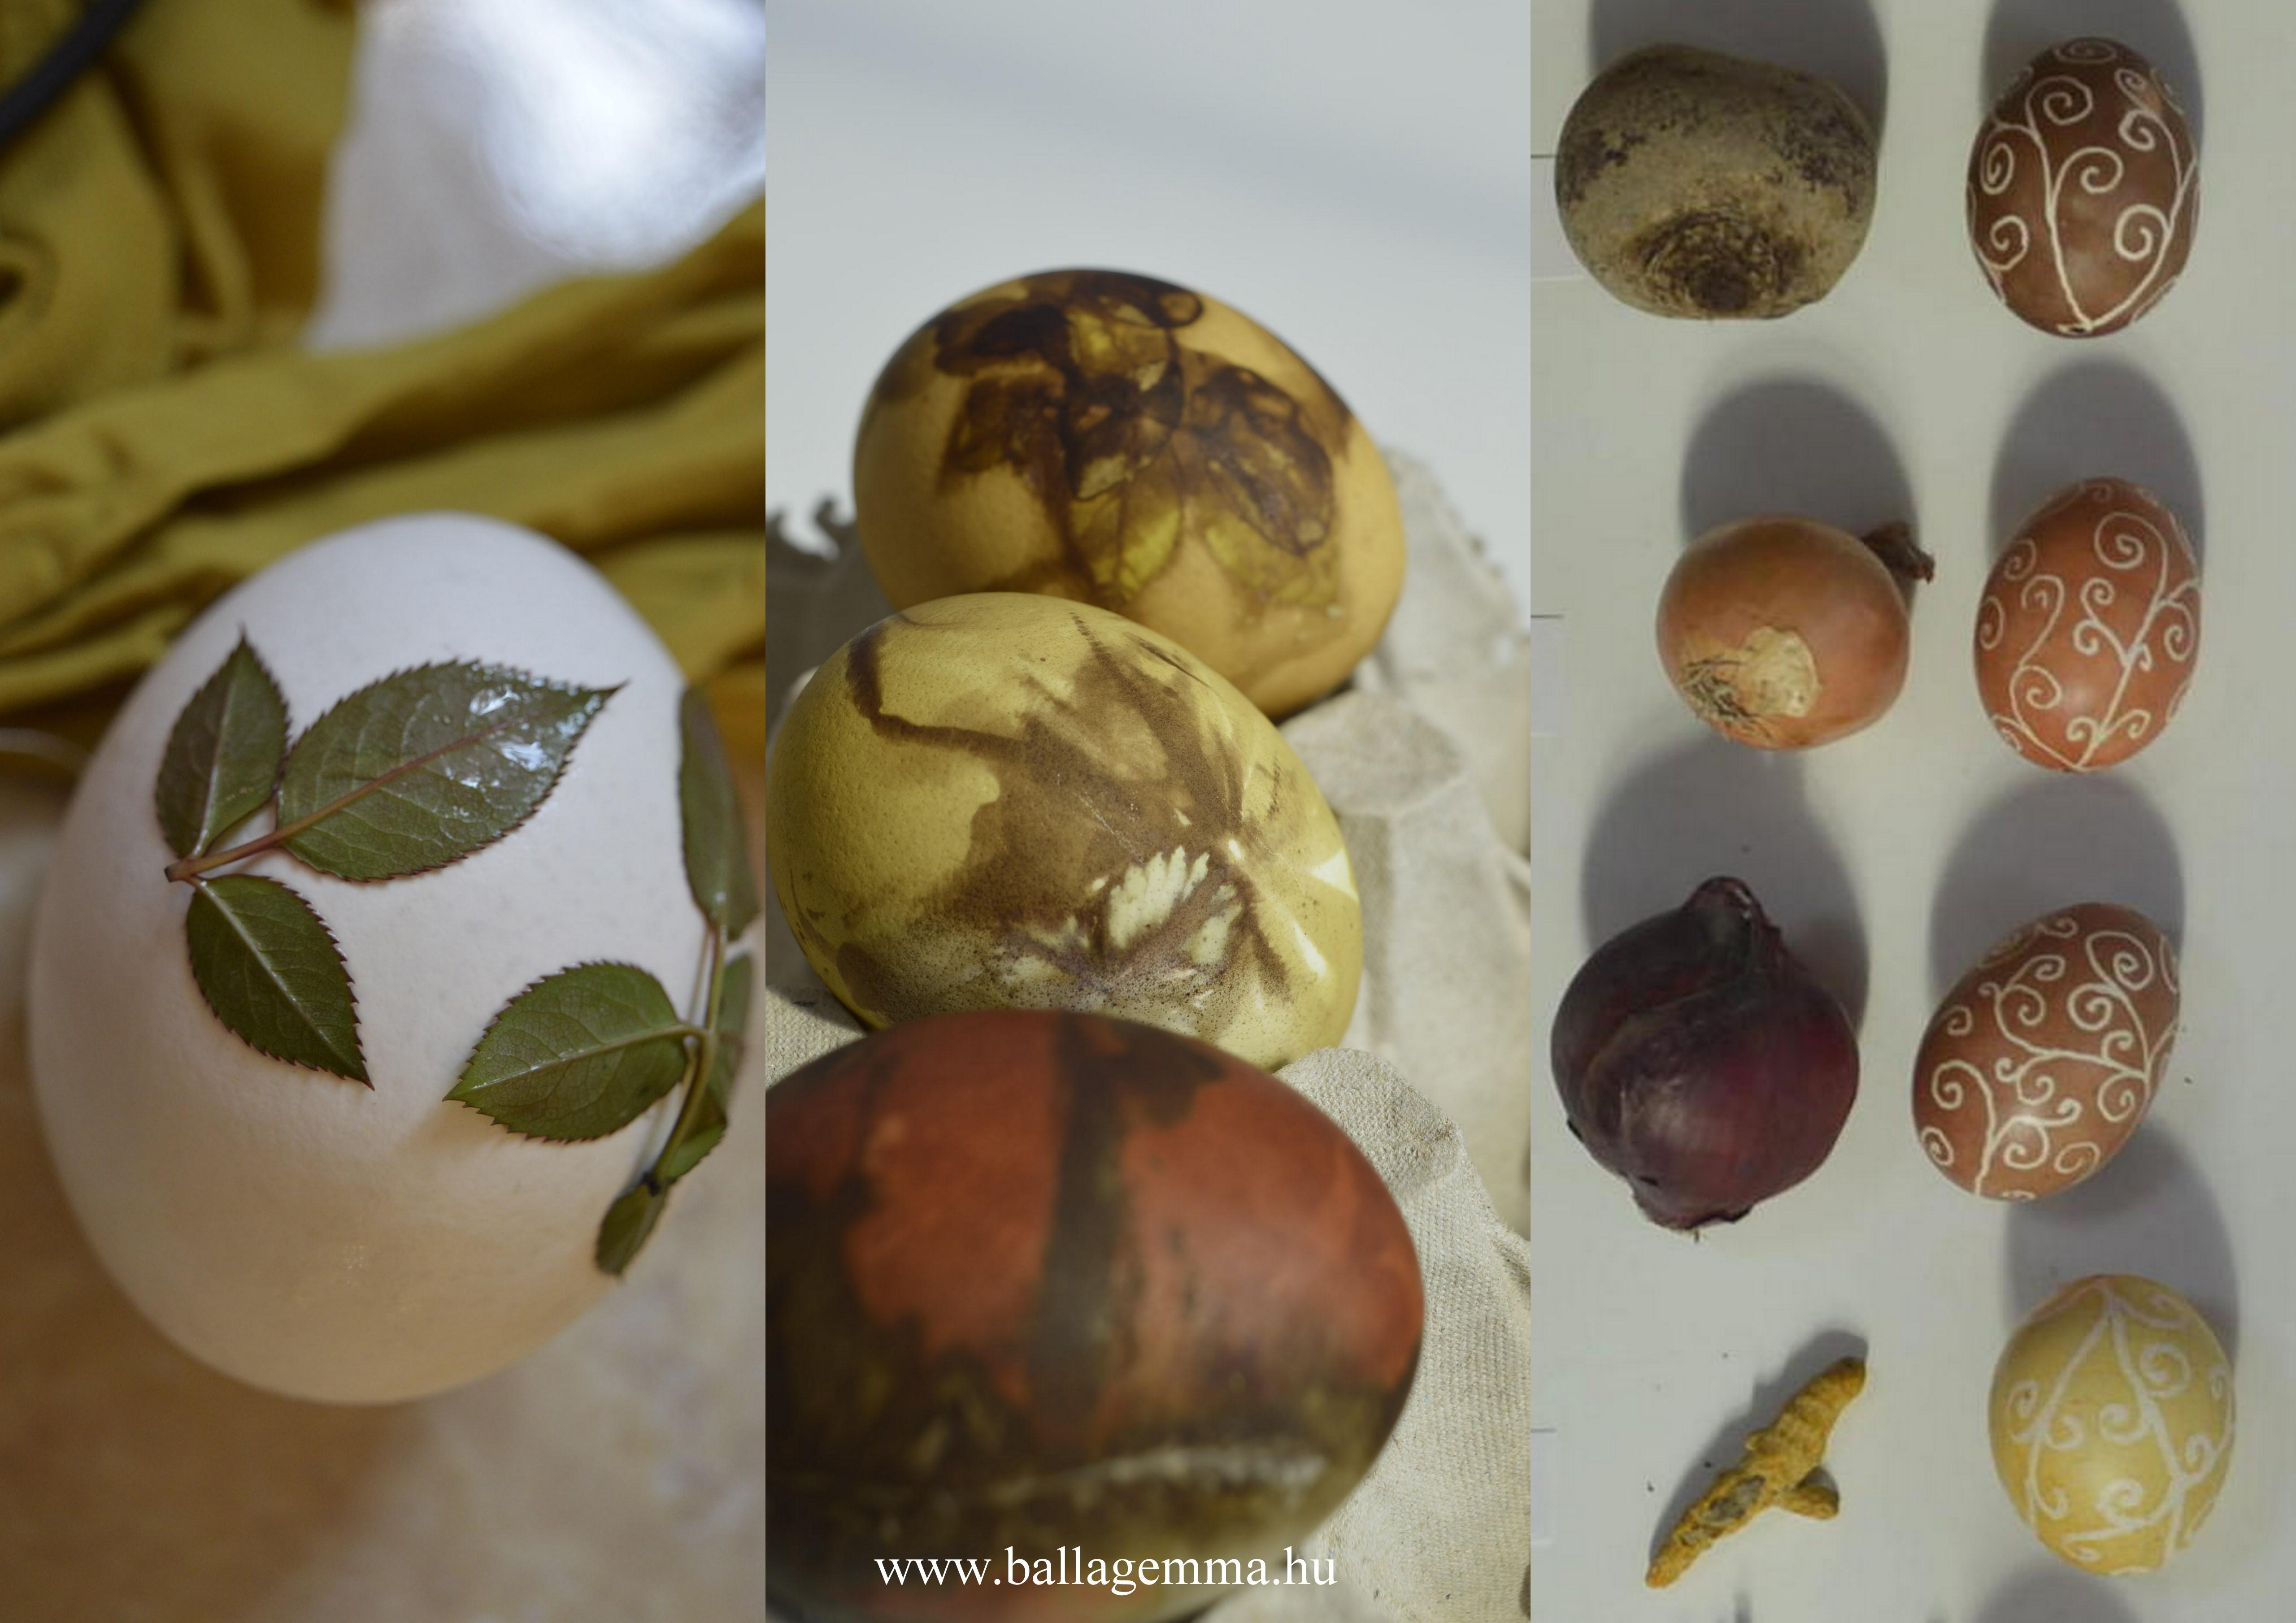 Ecoprint tojásfestés növényekkel